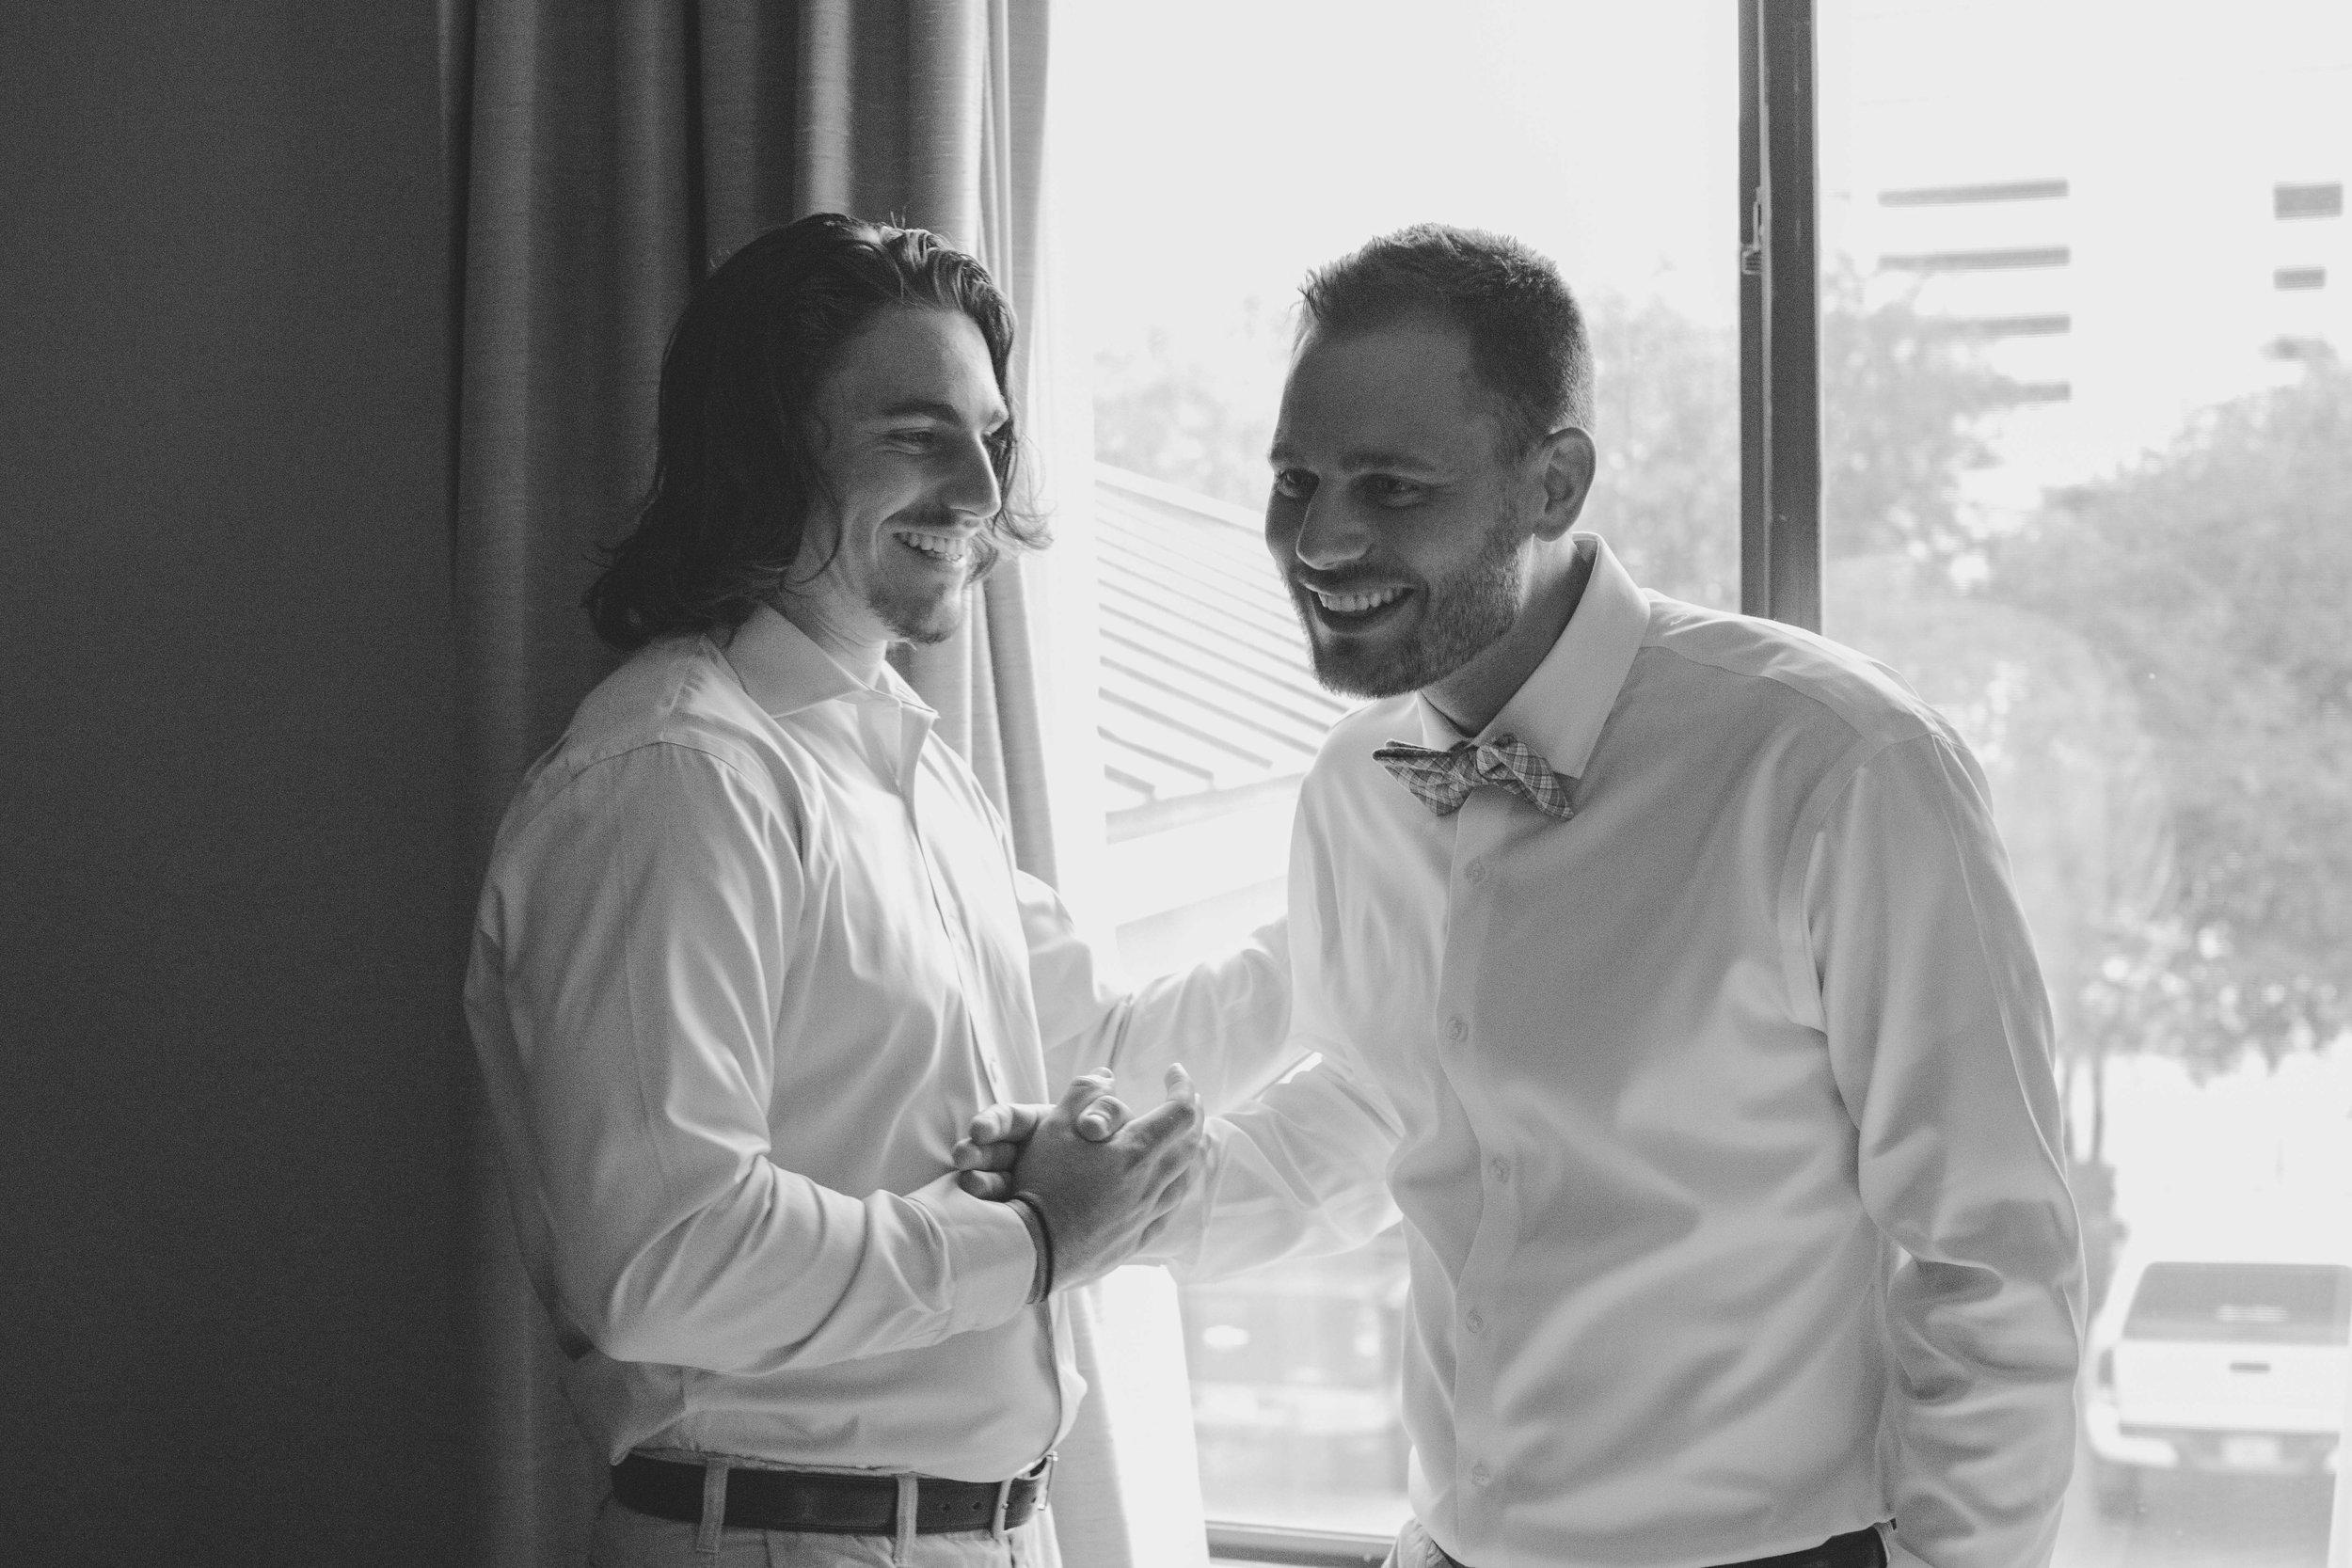 ATGI_Susanna & Matt Wedding_717A7050.jpg